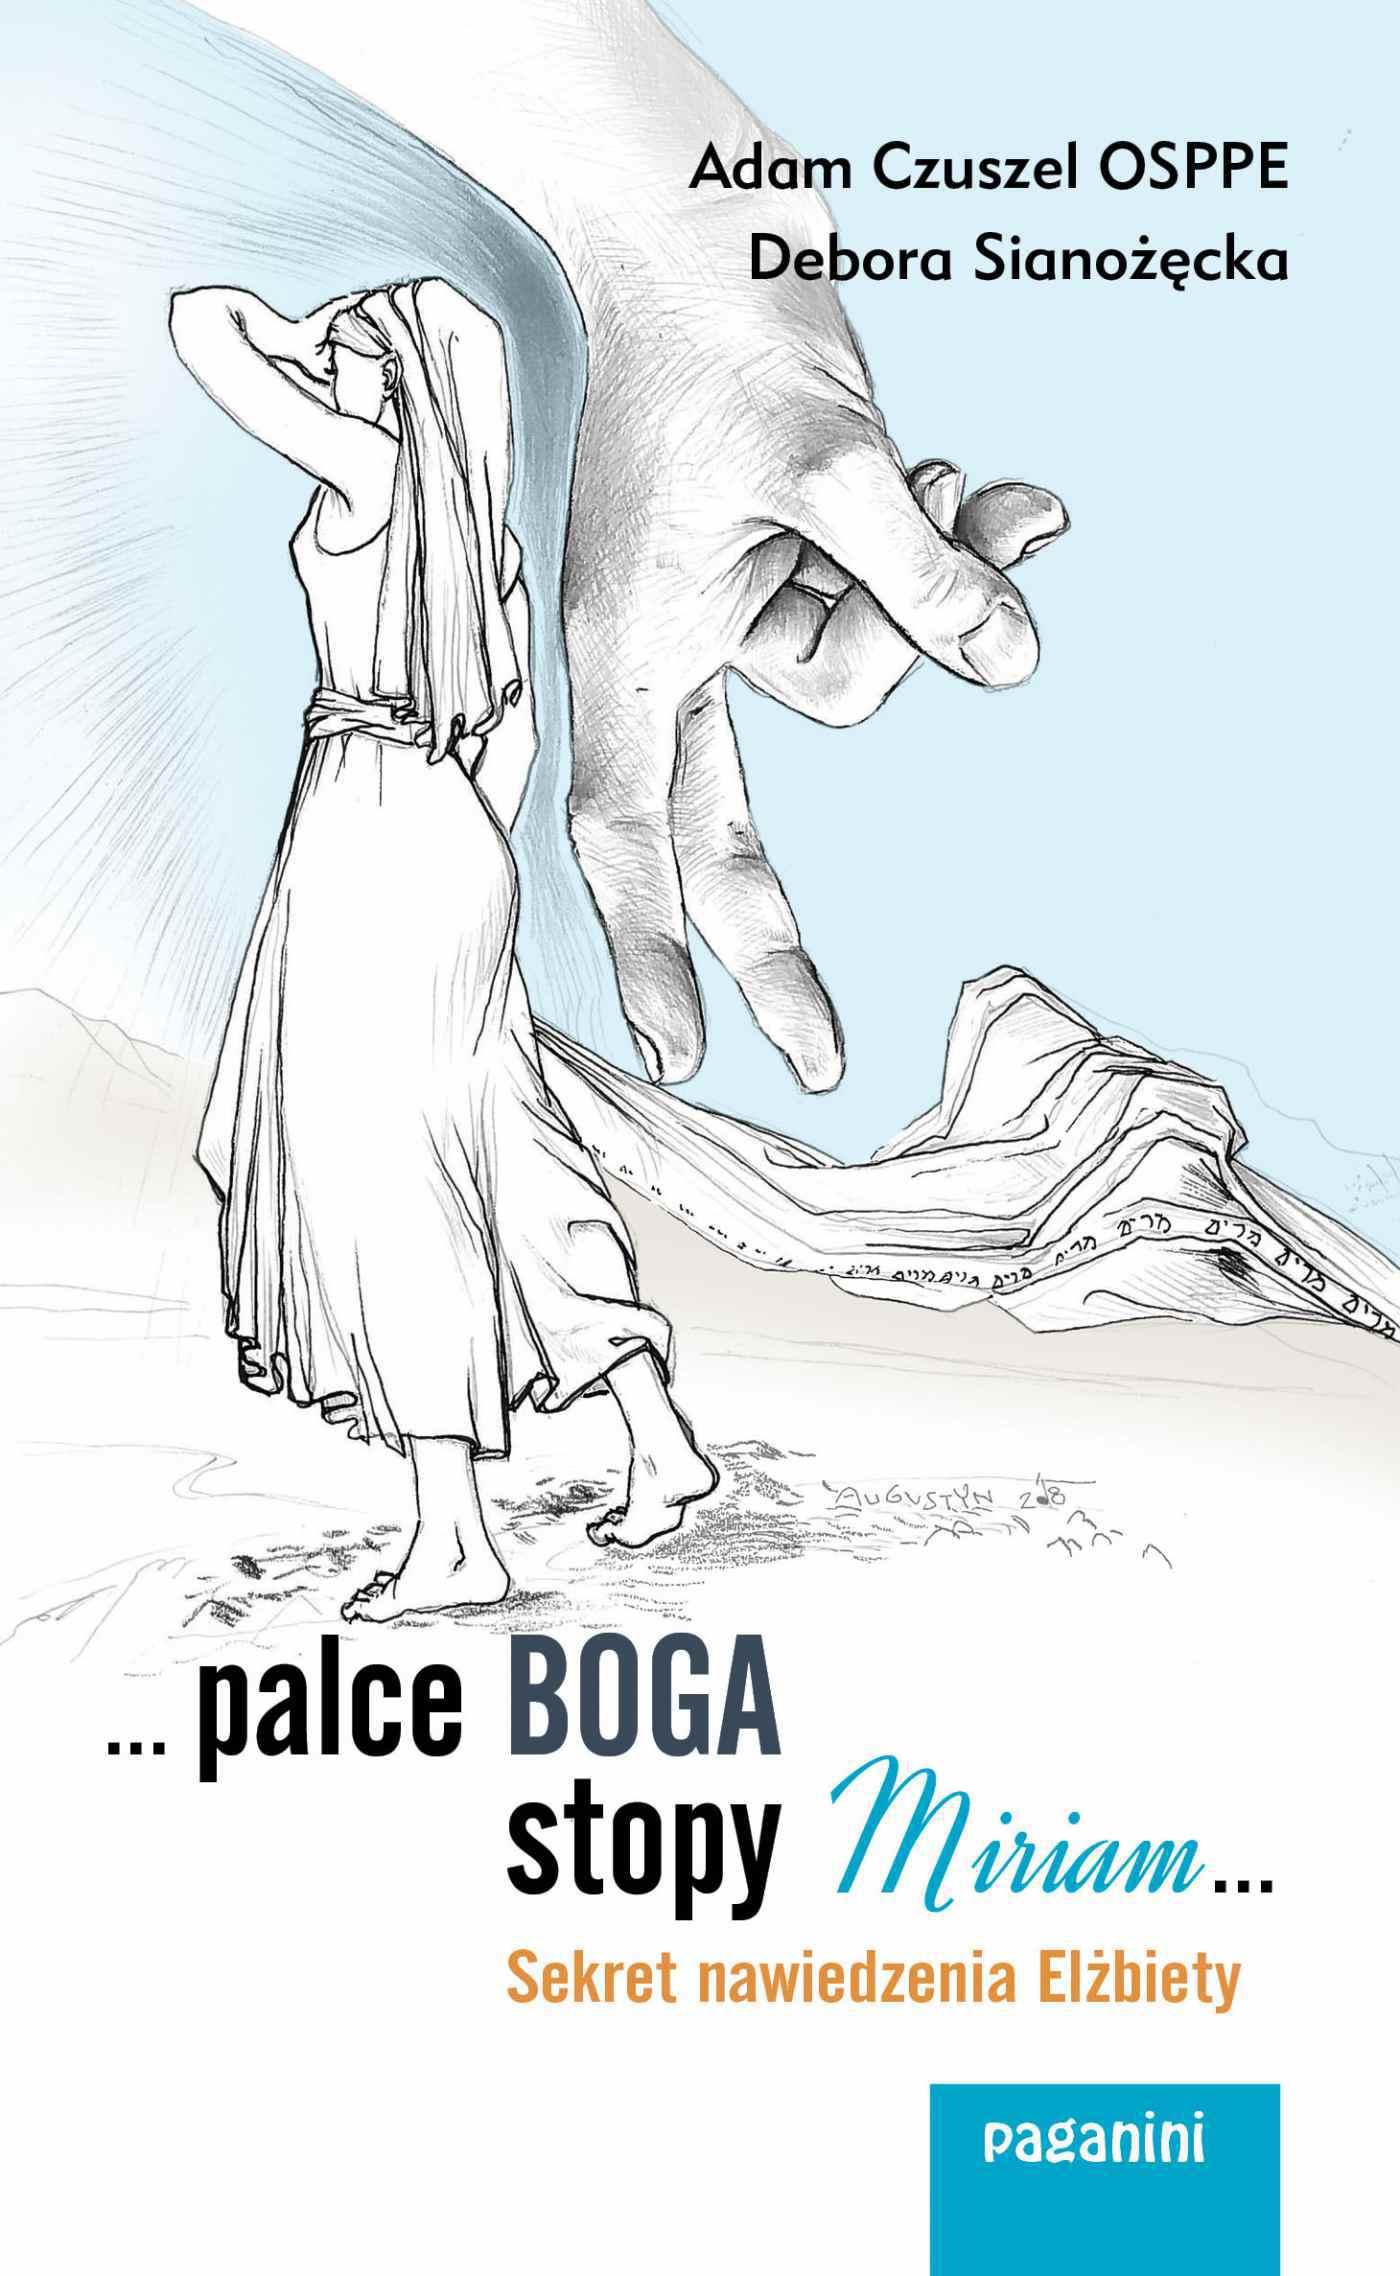 ...palce Boga, stopy Miriam... Sekret nawiedzenia Elżbiety - Ebook (Książka EPUB) do pobrania w formacie EPUB